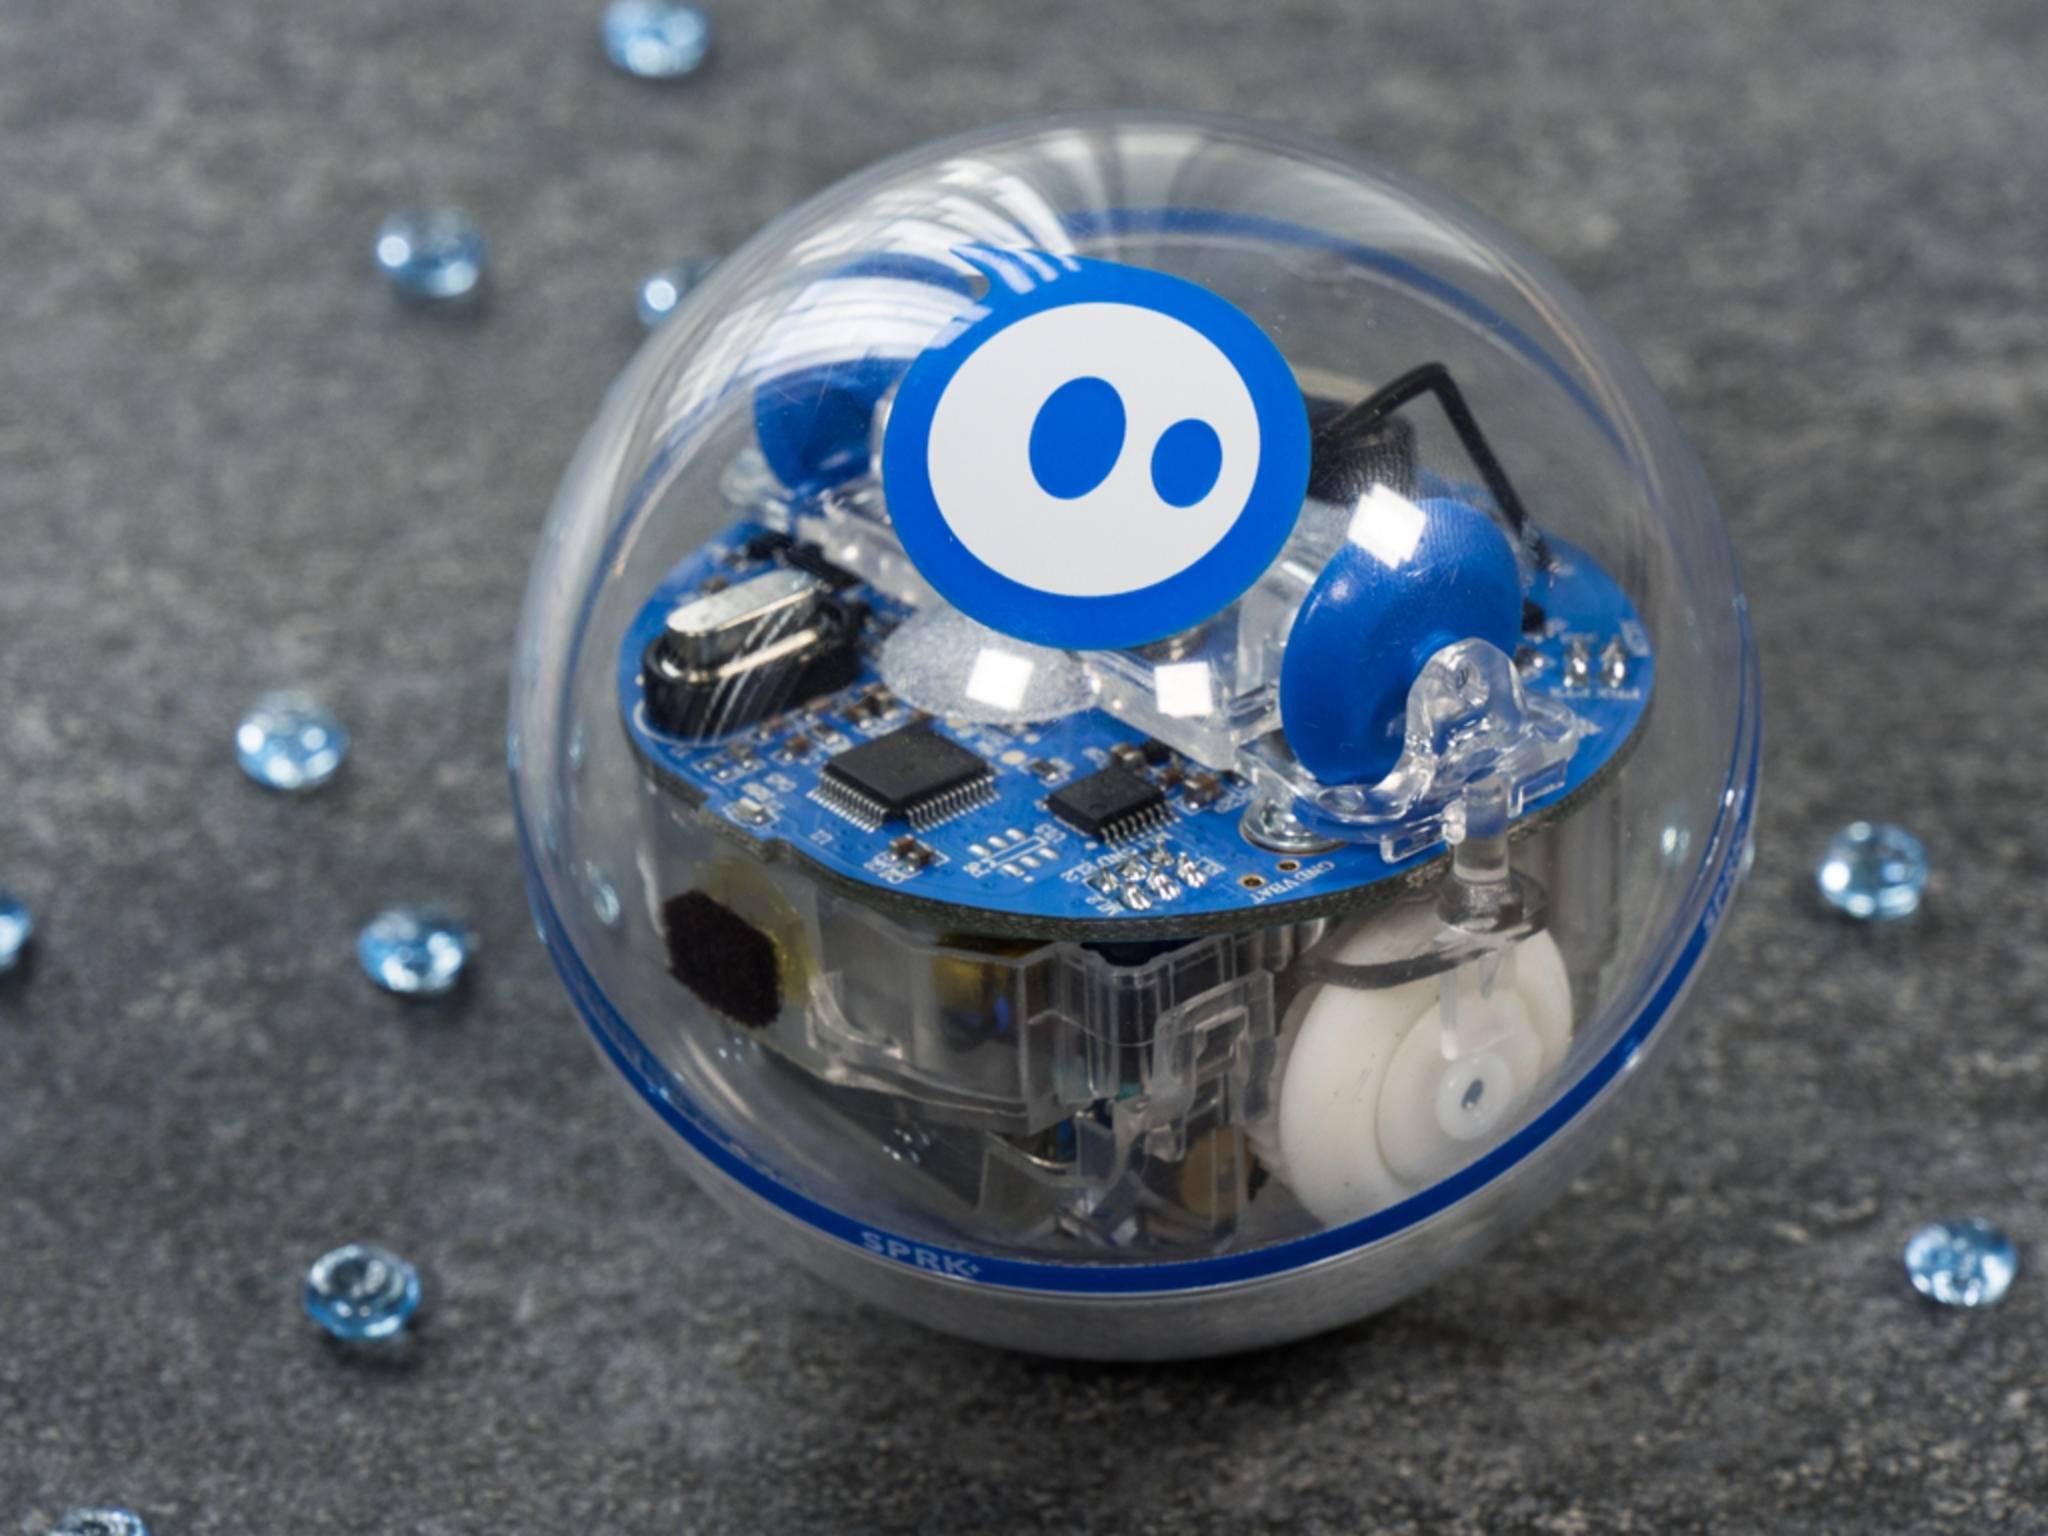 Der programmierbare Roboter Sphero SPRK+.